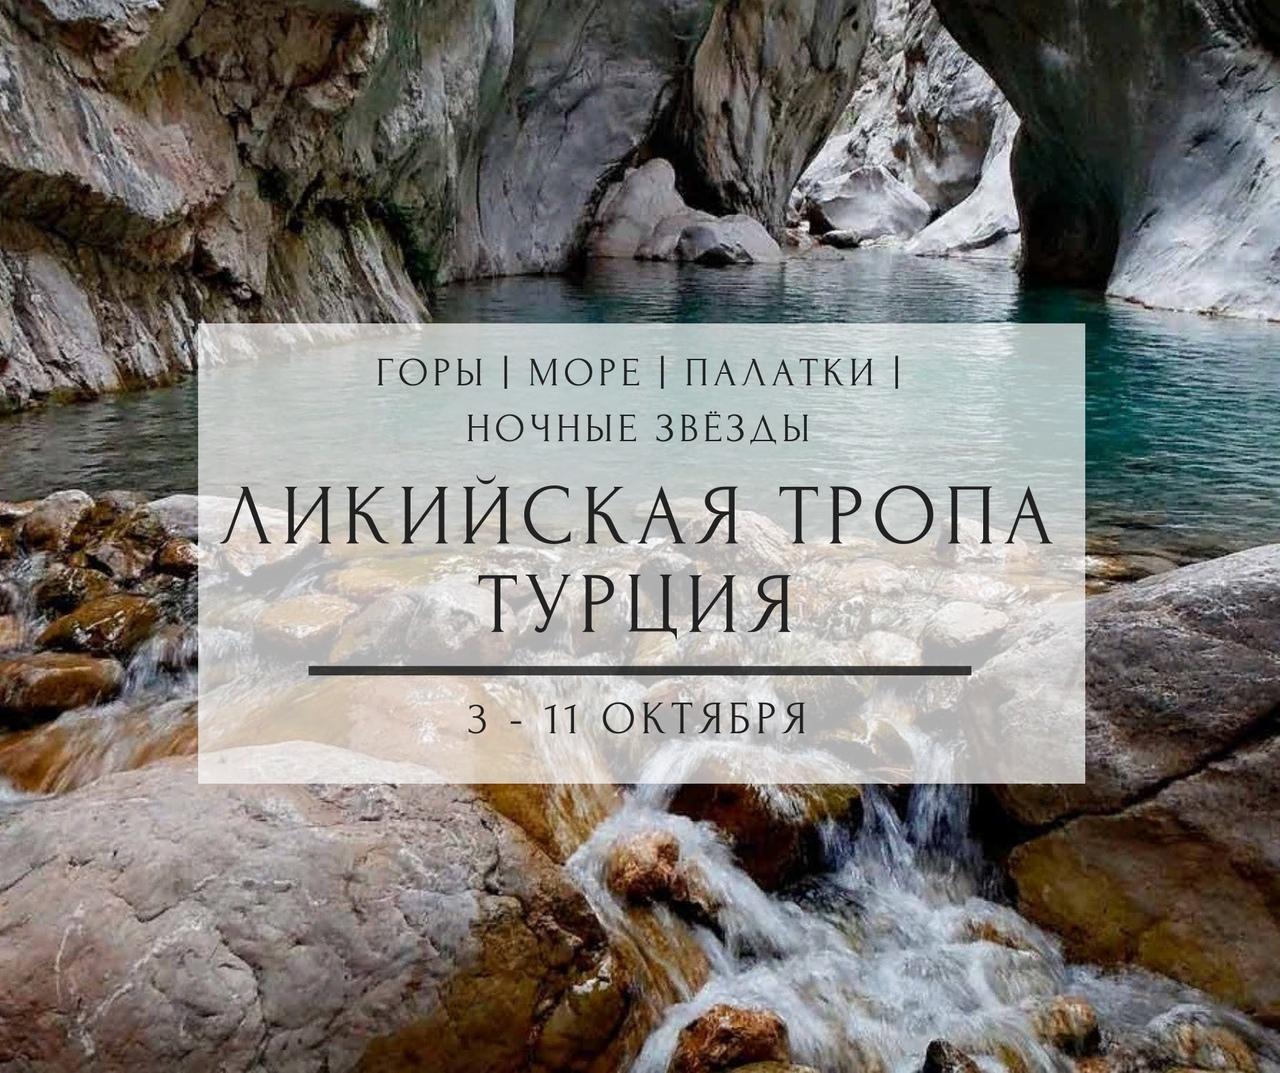 Афиша Тюмень ЛИКИЙСКАЯ ТРОПА. ТУРЦИЯ. 3-11 ОКТЯБРЯ